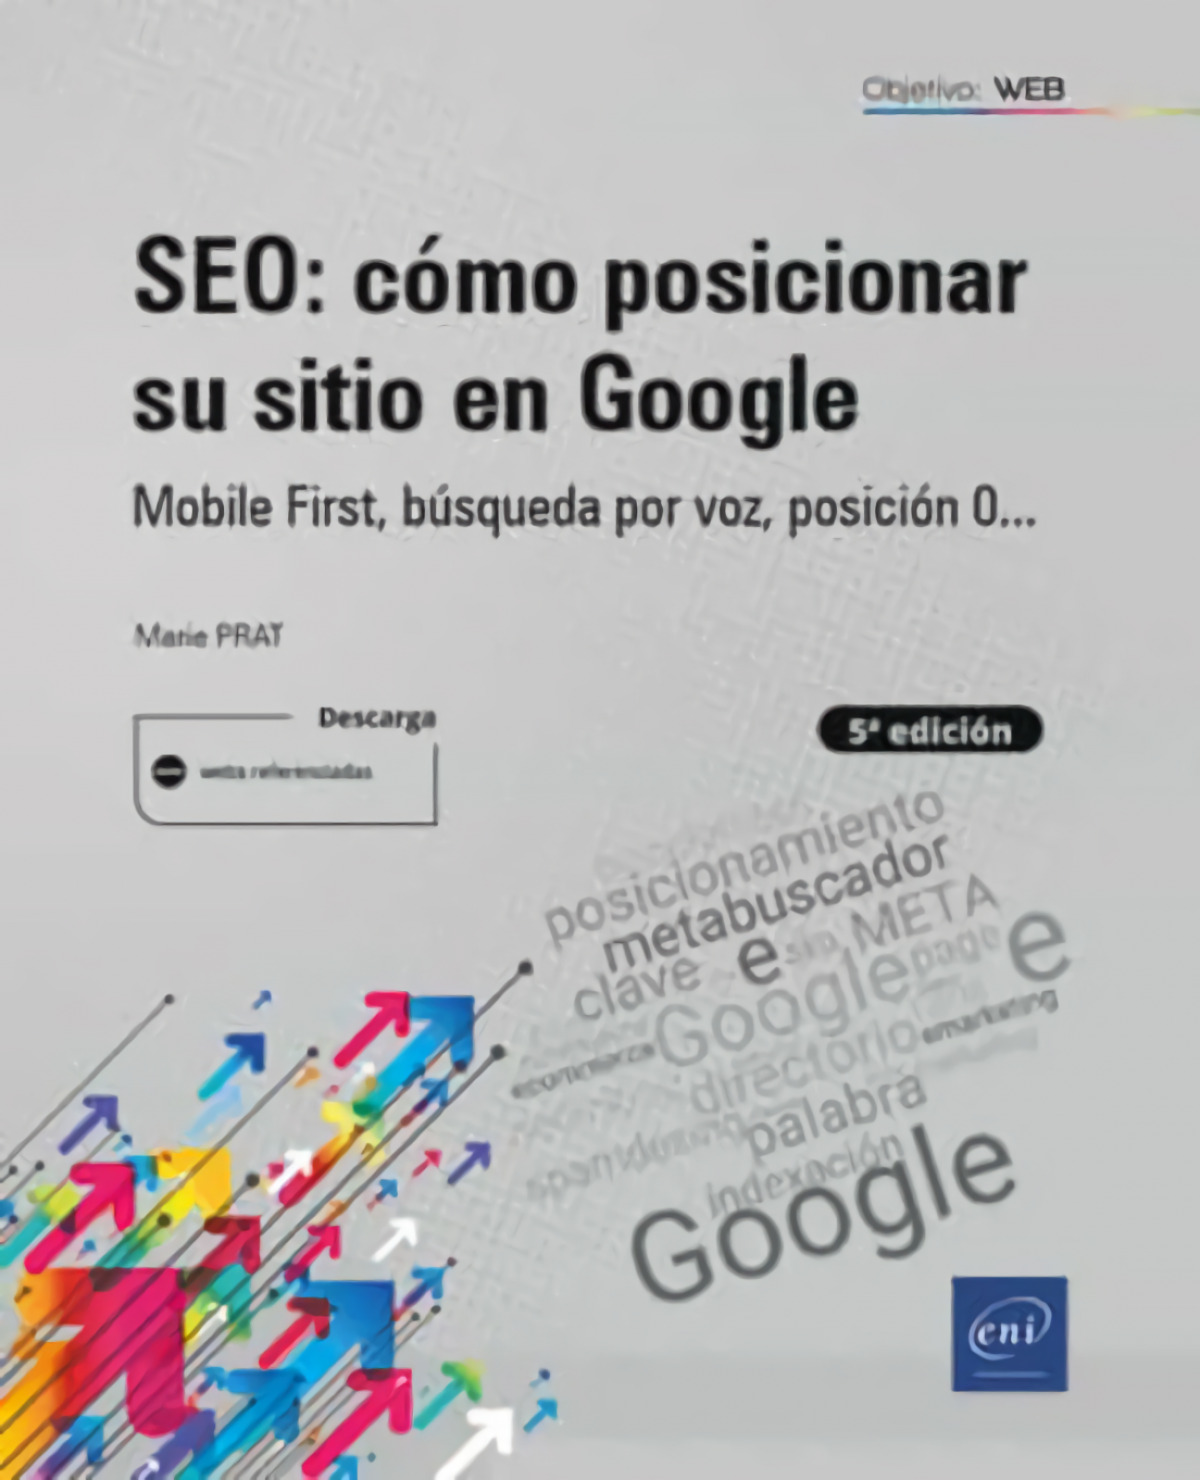 Seo: cómo posicionar su sitio en Google